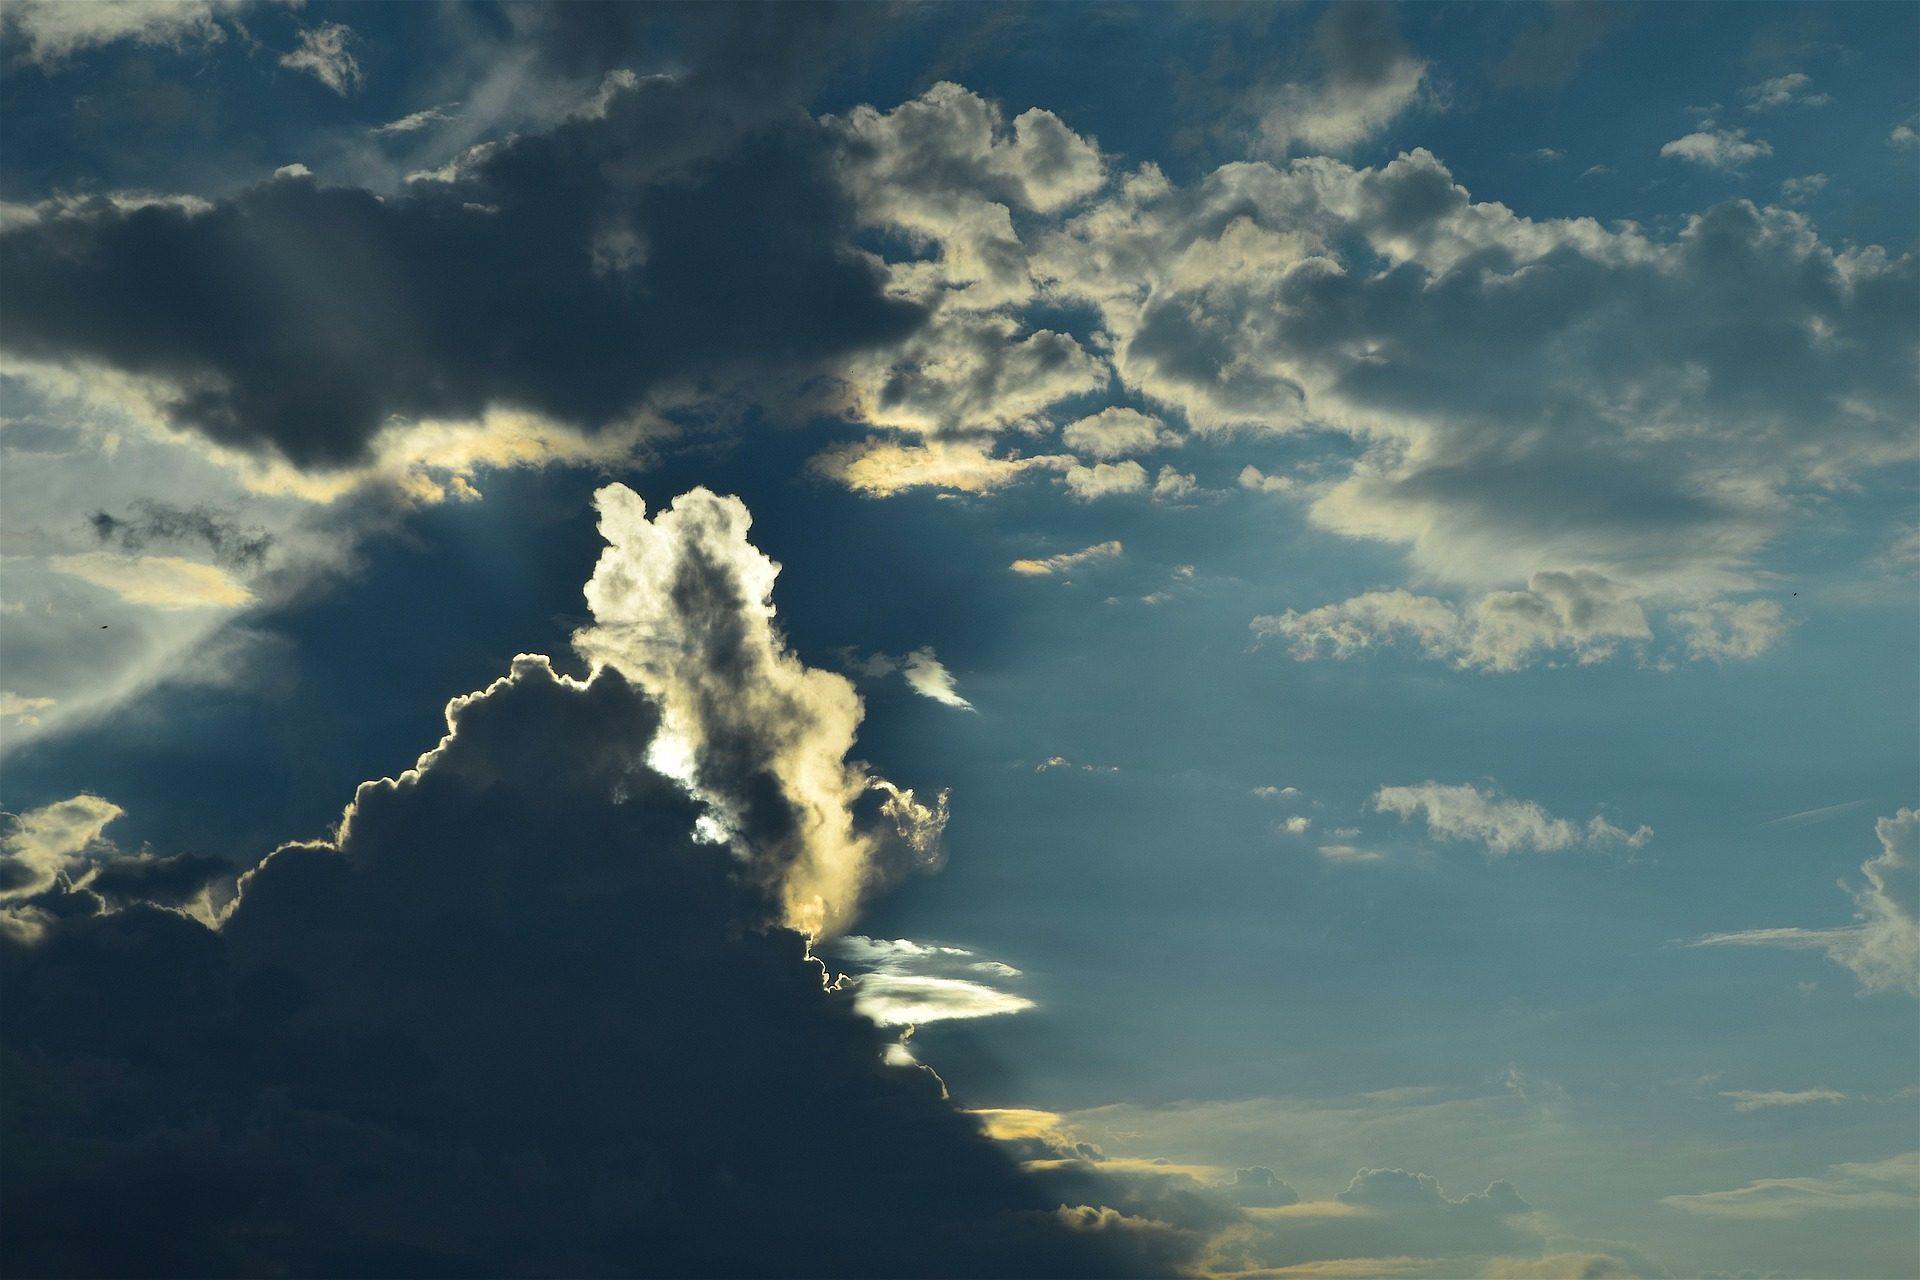 बादल, आकाश, resplandor, स�चमक�य, brillo, प्रकाश, बादल छाए रहेंगे - HD वॉलपेपर - प्रोफेसर-falken.com